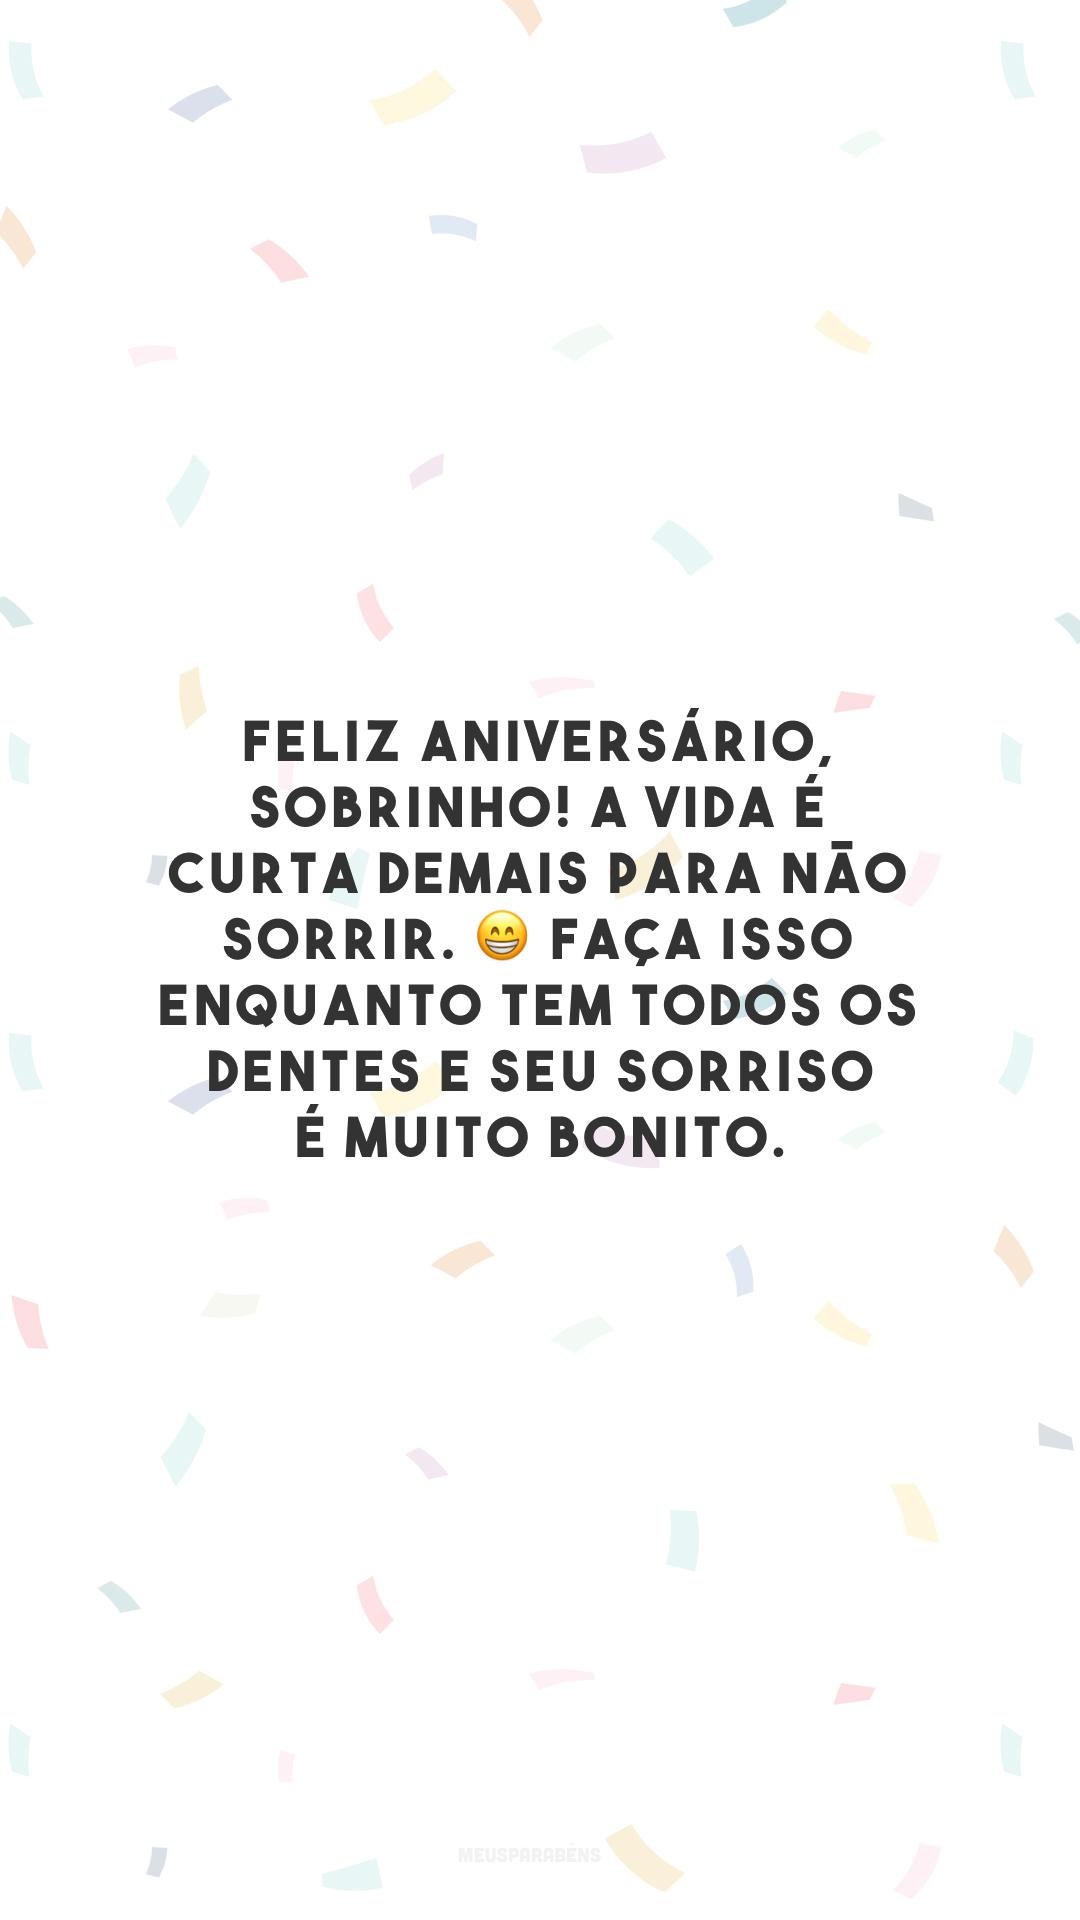 Feliz aniversário, sobrinho! A vida é curta demais para não sorrir. 😁 Faça isso enquanto tem todos os dentes e seu sorriso é muito bonito.